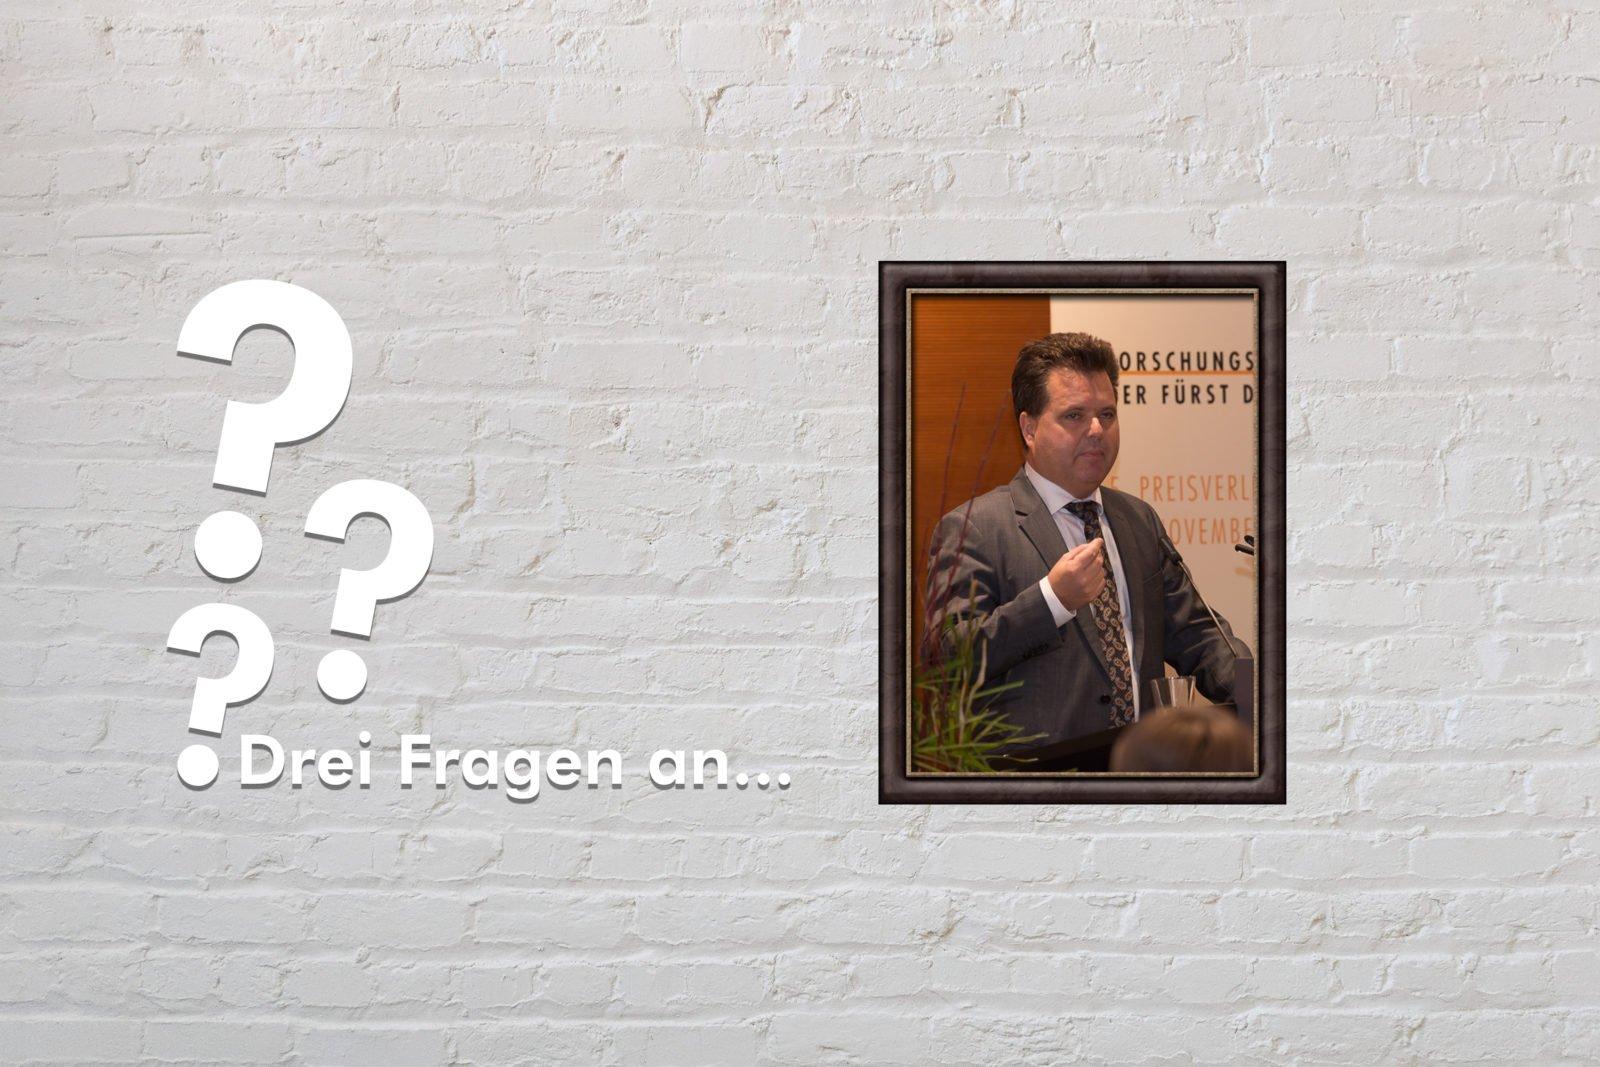 Fotomontage: Eine weiße Steinwand - darauf ein Rahmen, in den ein Bild von Jürgen Dusel montiert ist, daneben der Schriftzug Drei Fragen an... und drei Fragezeichen.